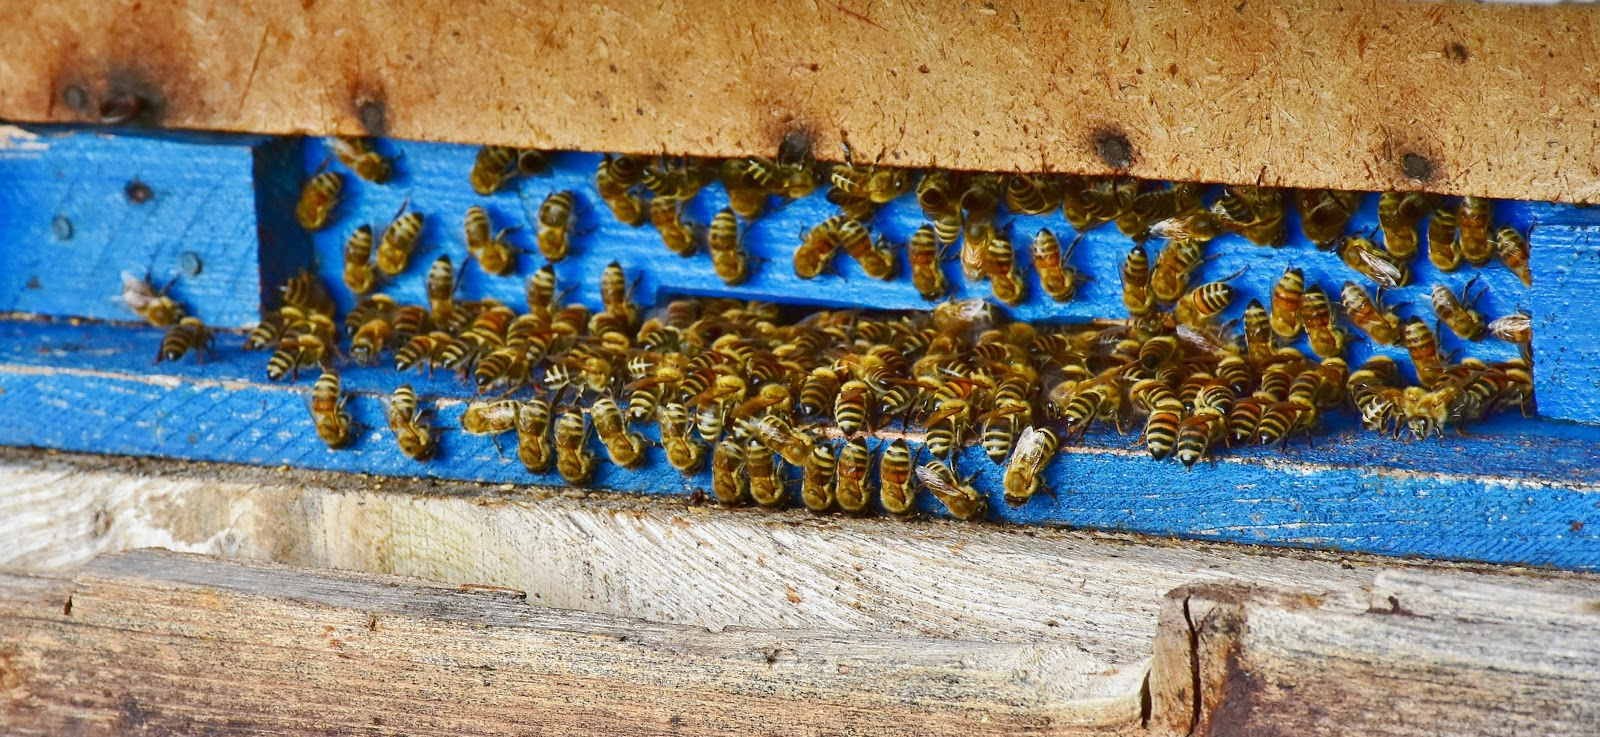 巣箱の入り口に集まる多くの蜜蜂